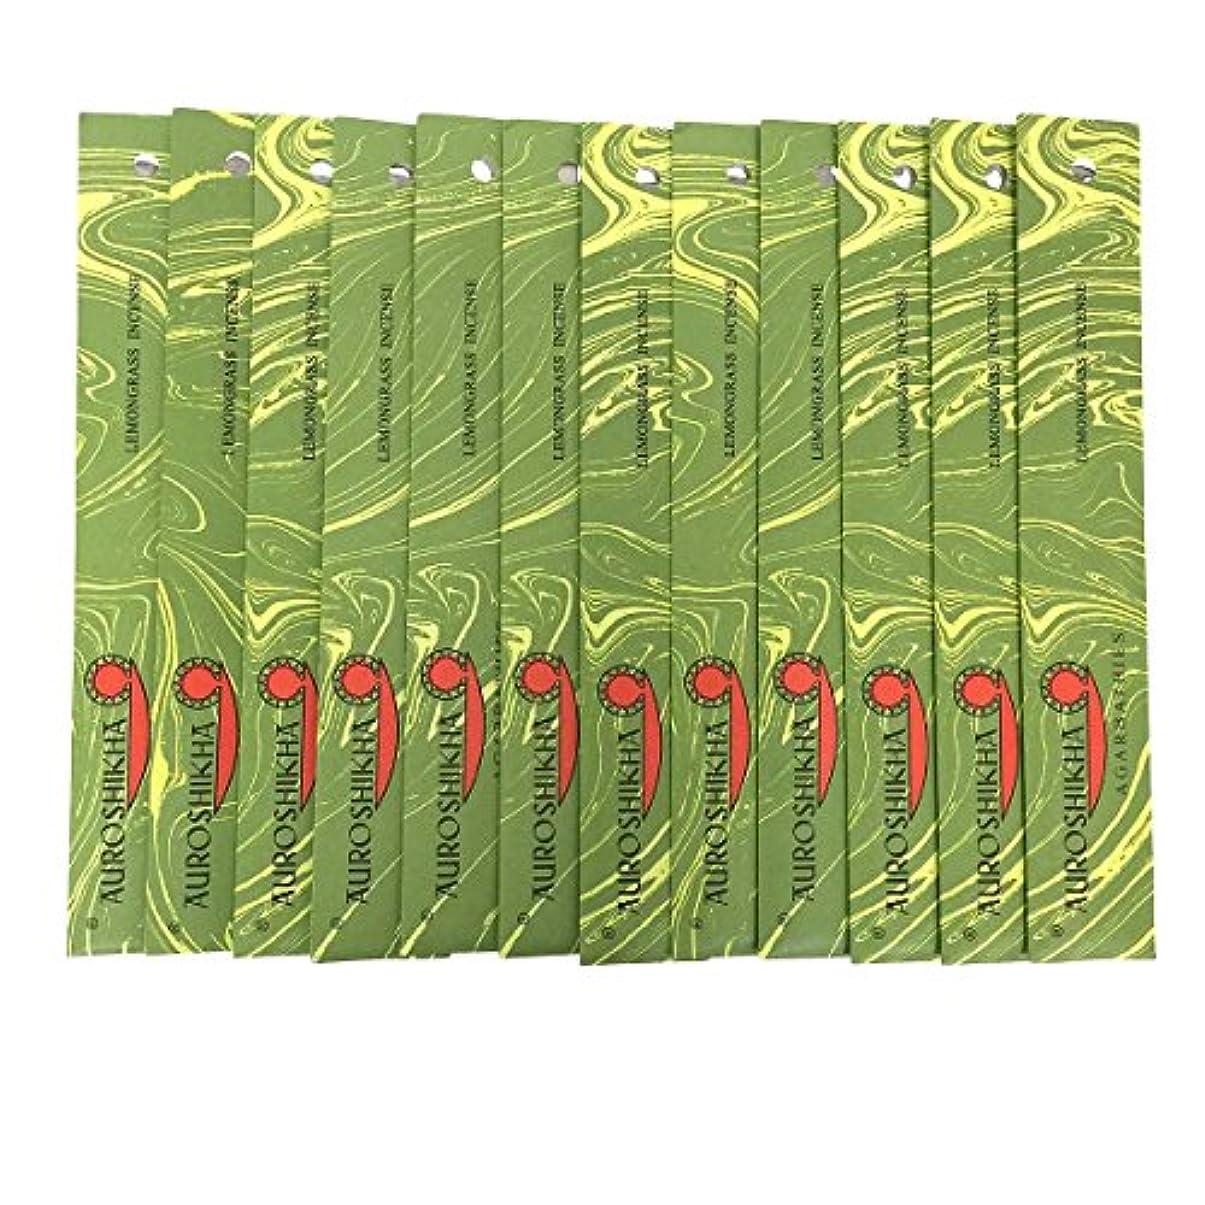 接続されたポジションピンクAUROSHIKHA オウロシカ(LEMONGRASSレモングラス12個セット) マーブルパッケージスティック 送料無料